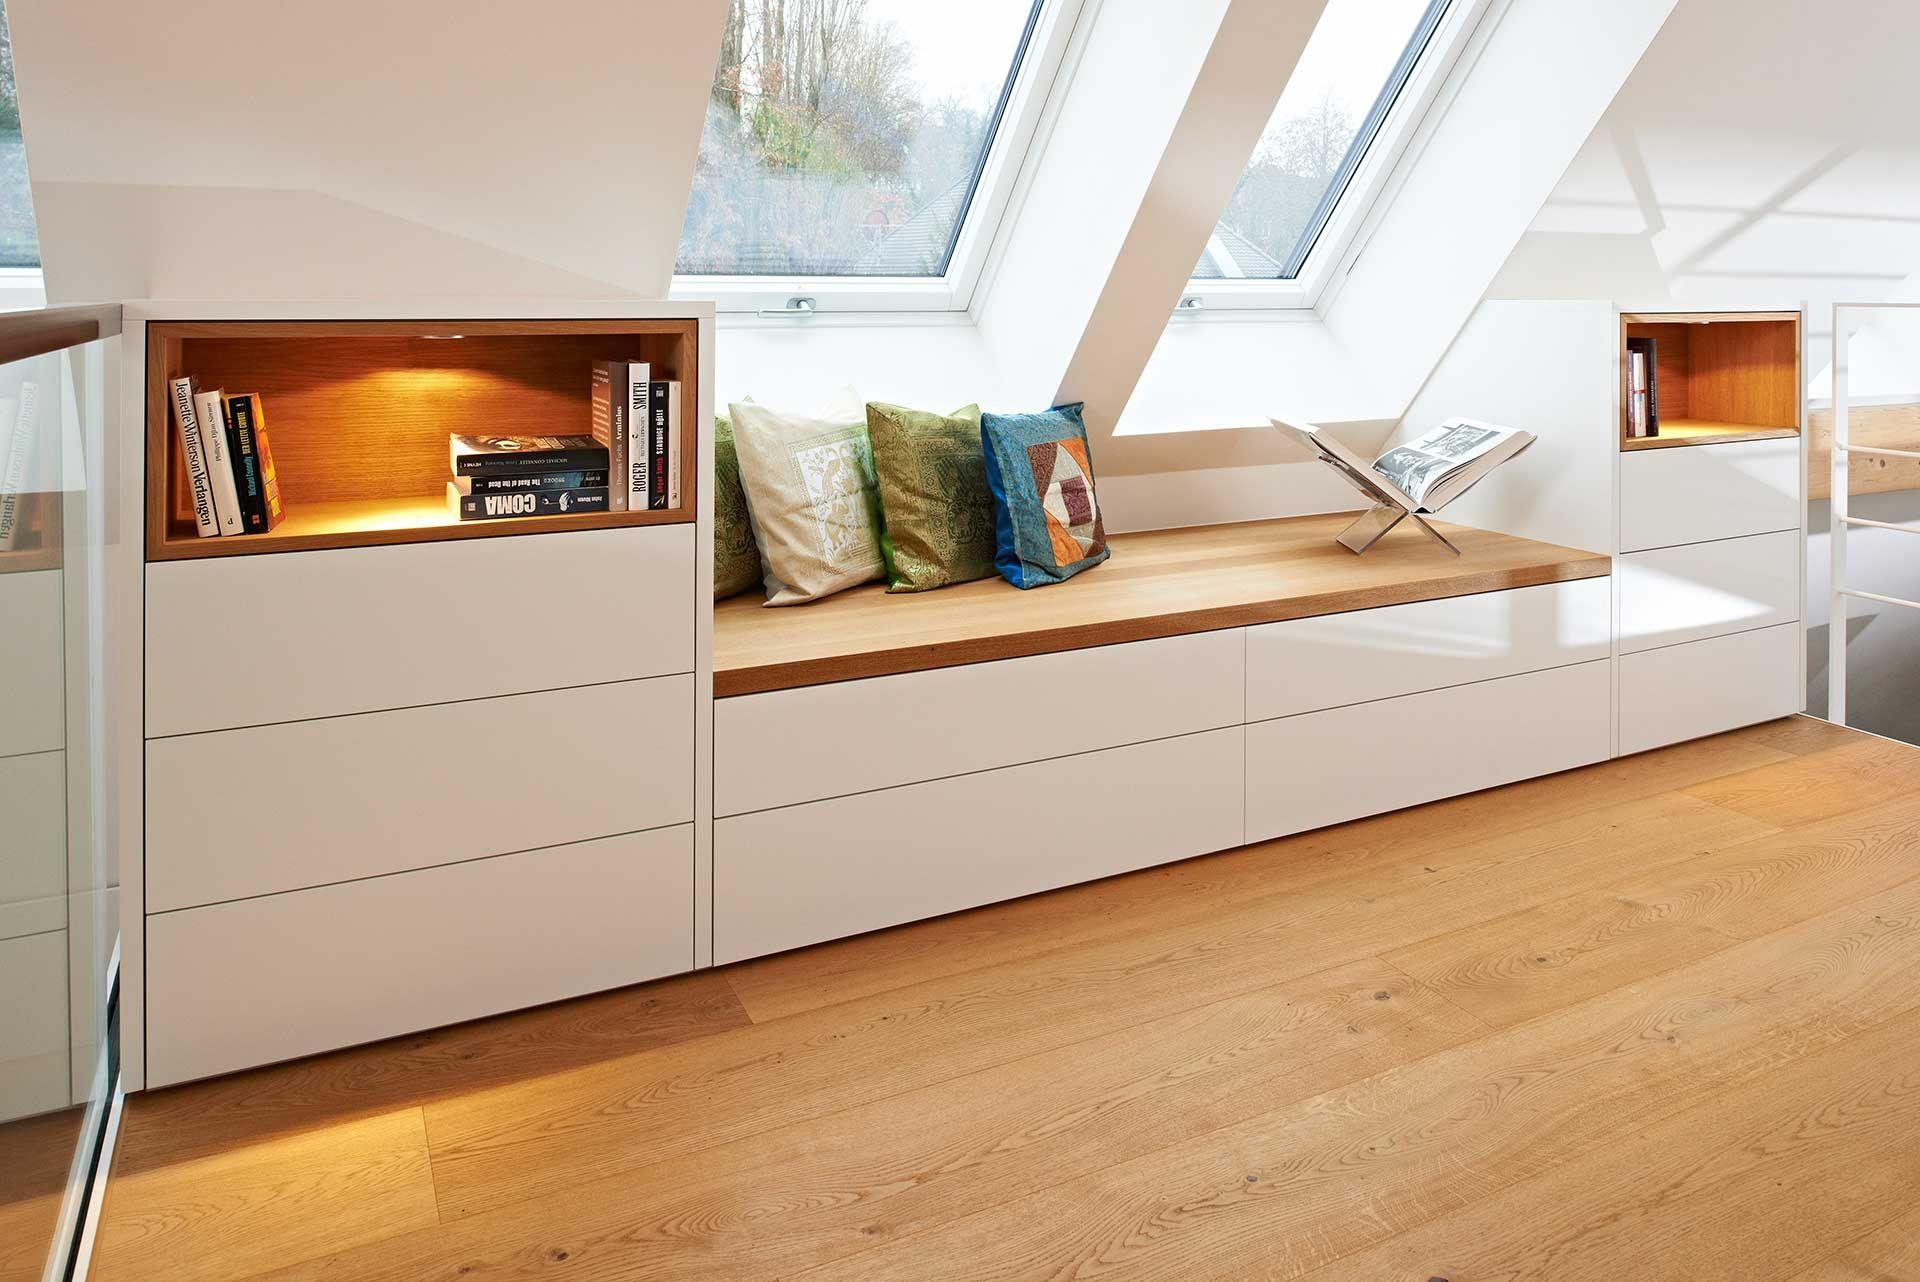 Dieser Wohnzimmereinbau Im Dachgeschoss Ist Unter Einer Dachschr Ge Eingelassen Dachzimmer Einrichten Zimmer Mit Dachschräge Einrichten Dachboden Wohnzimmer